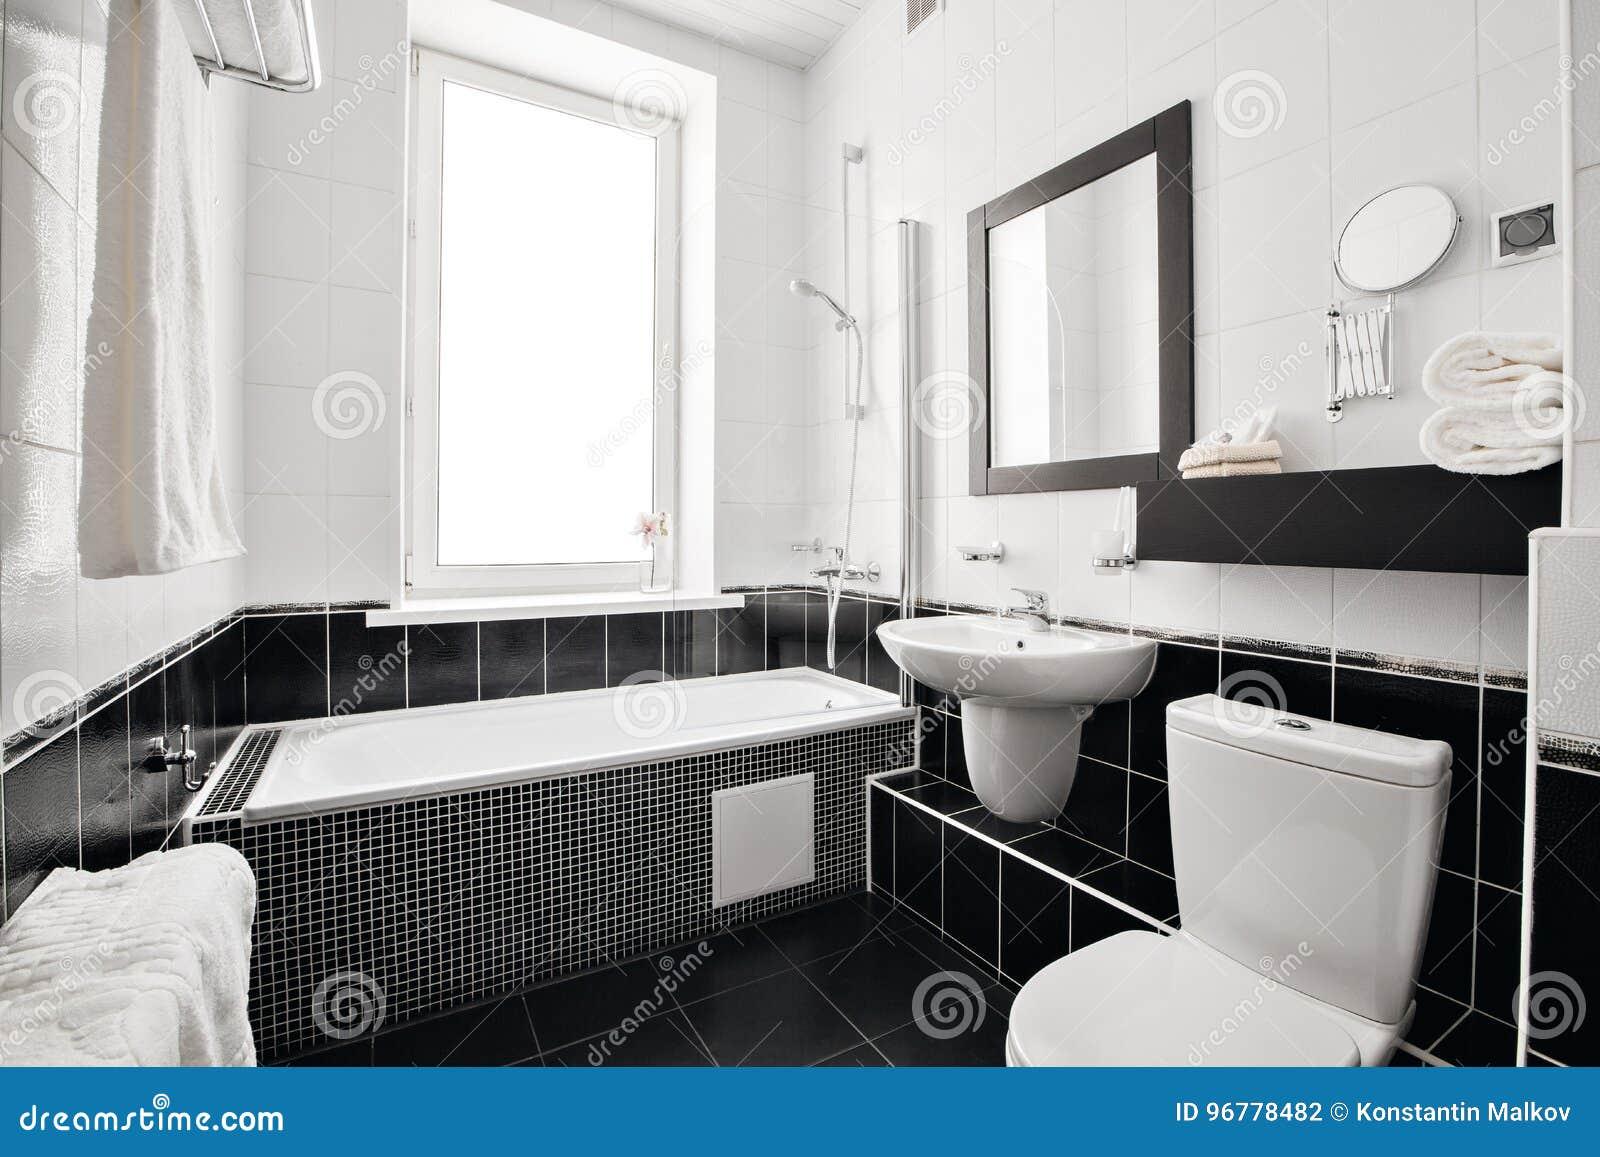 Download Modernes Luxusbadezimmer Mit Badewanne Und Fenster Wiedergabe 3D  Büroräume Stockfoto   Bild Von Fußboden,